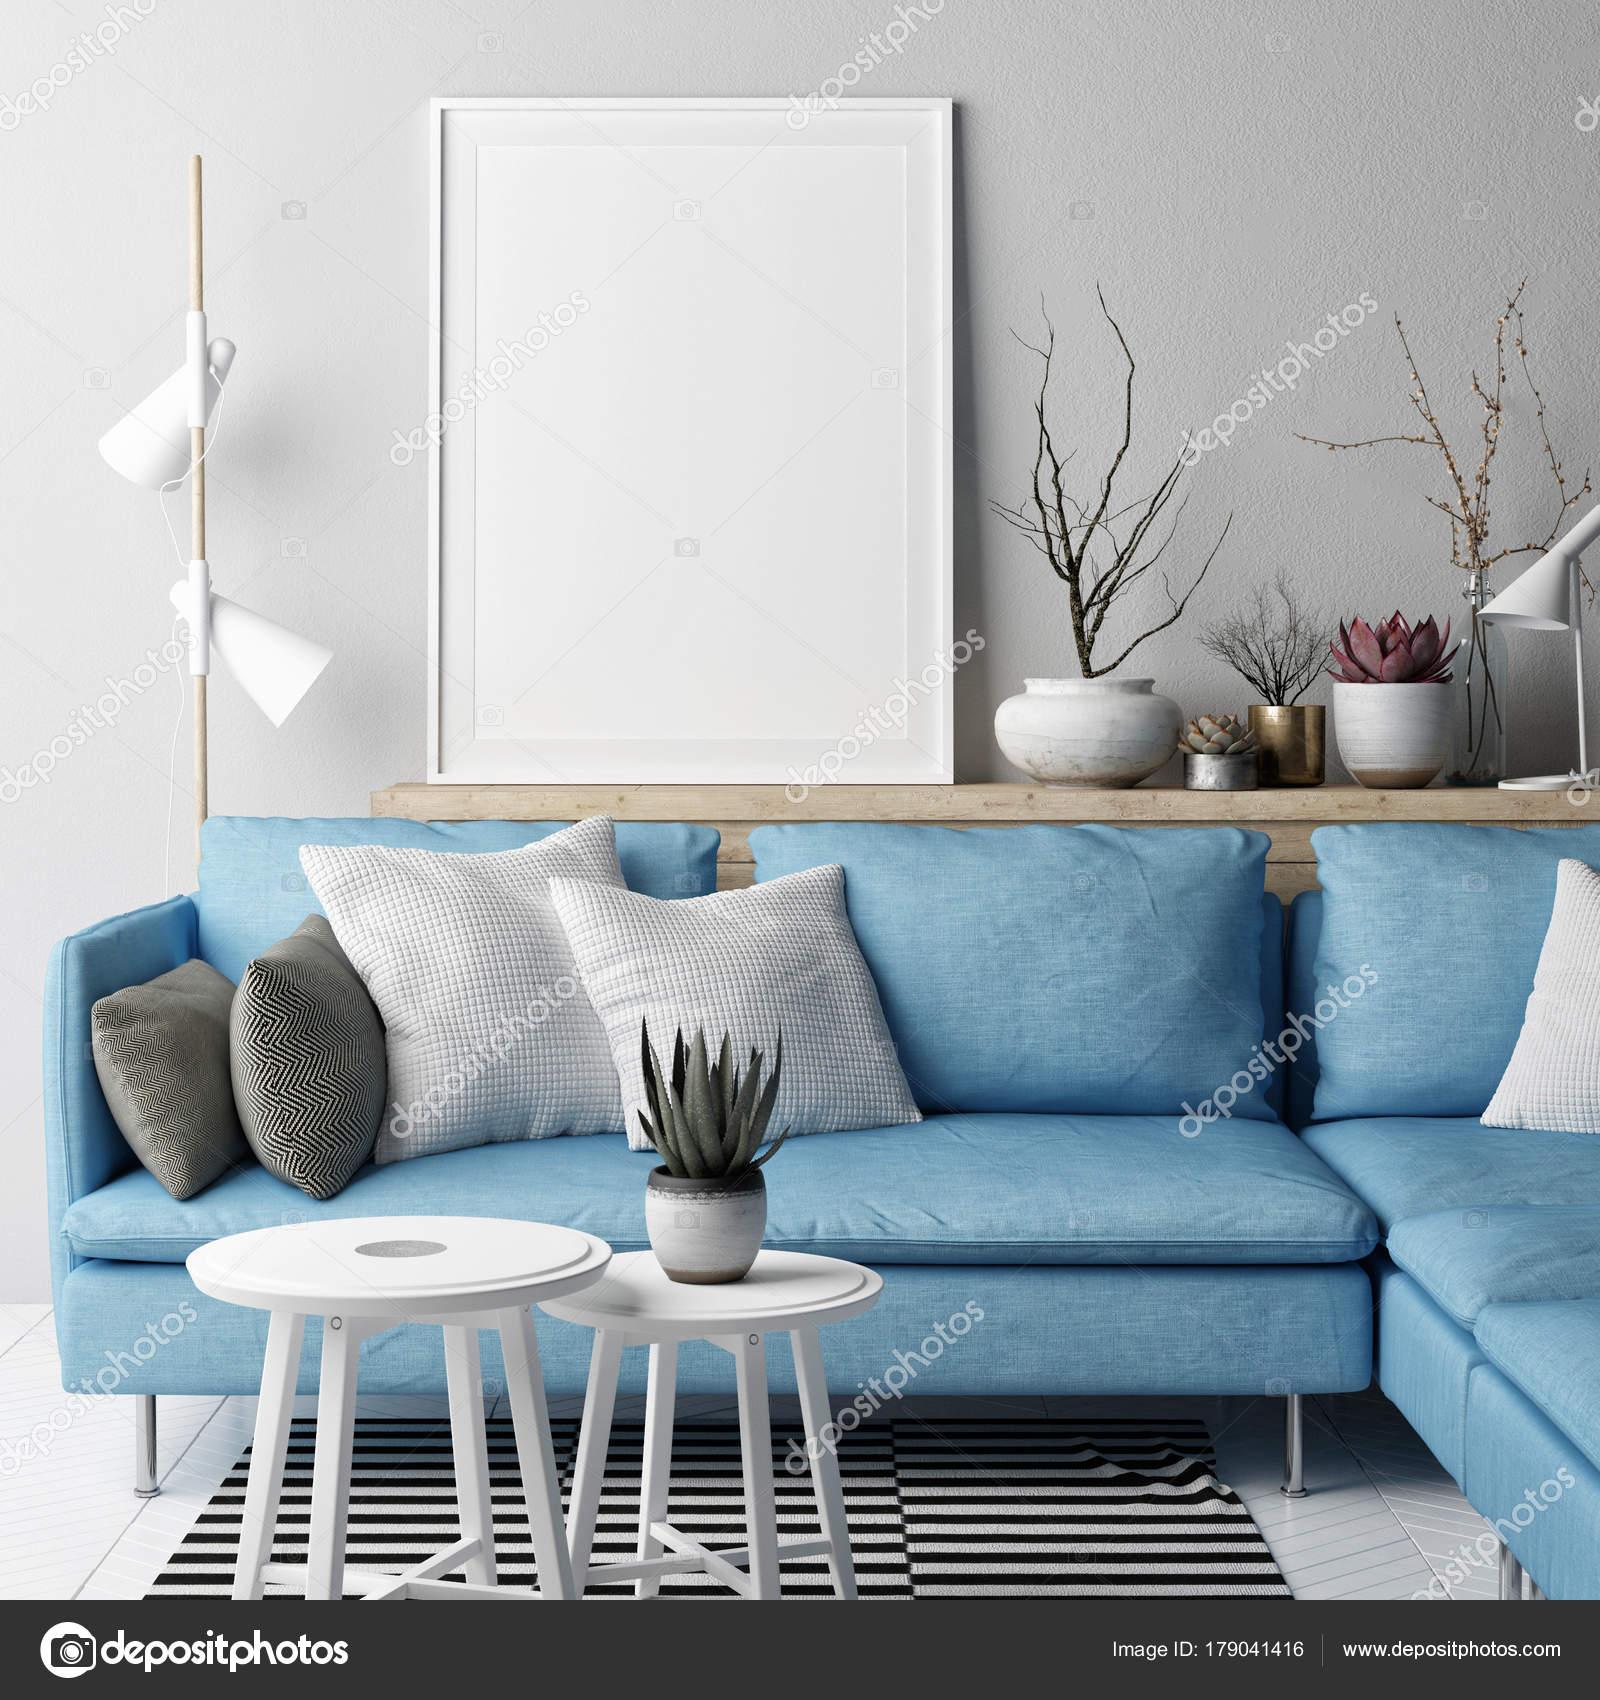 Blickfang Hellblaues Sofa Dekoration Von Mock Poster Wohnzimmer Nordic Konzeption Blaues Auf